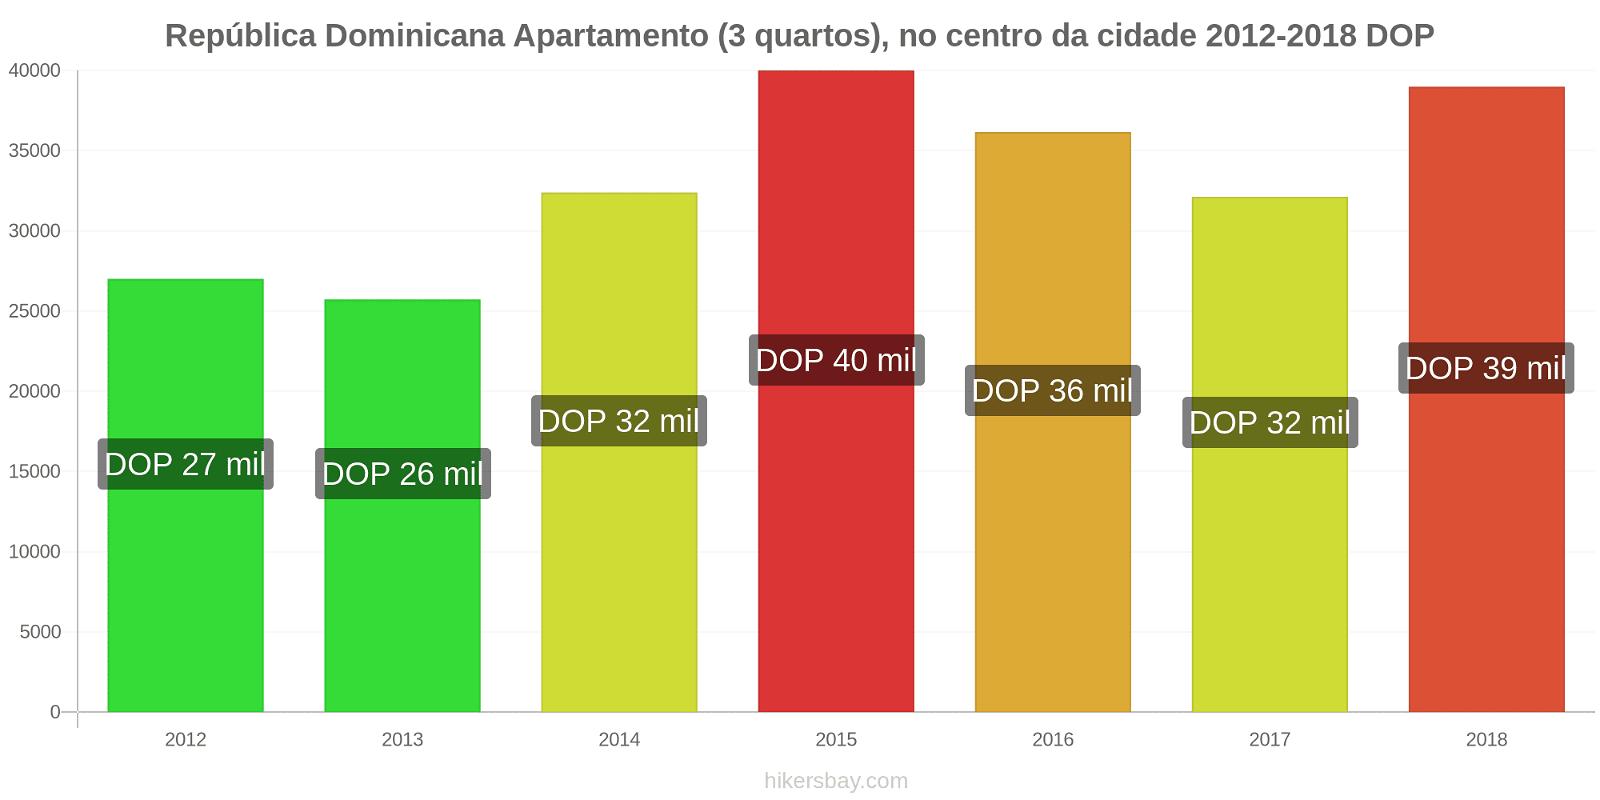 República Dominicana variação de preço Apartamento (3 quartos), no centro da cidade hikersbay.com